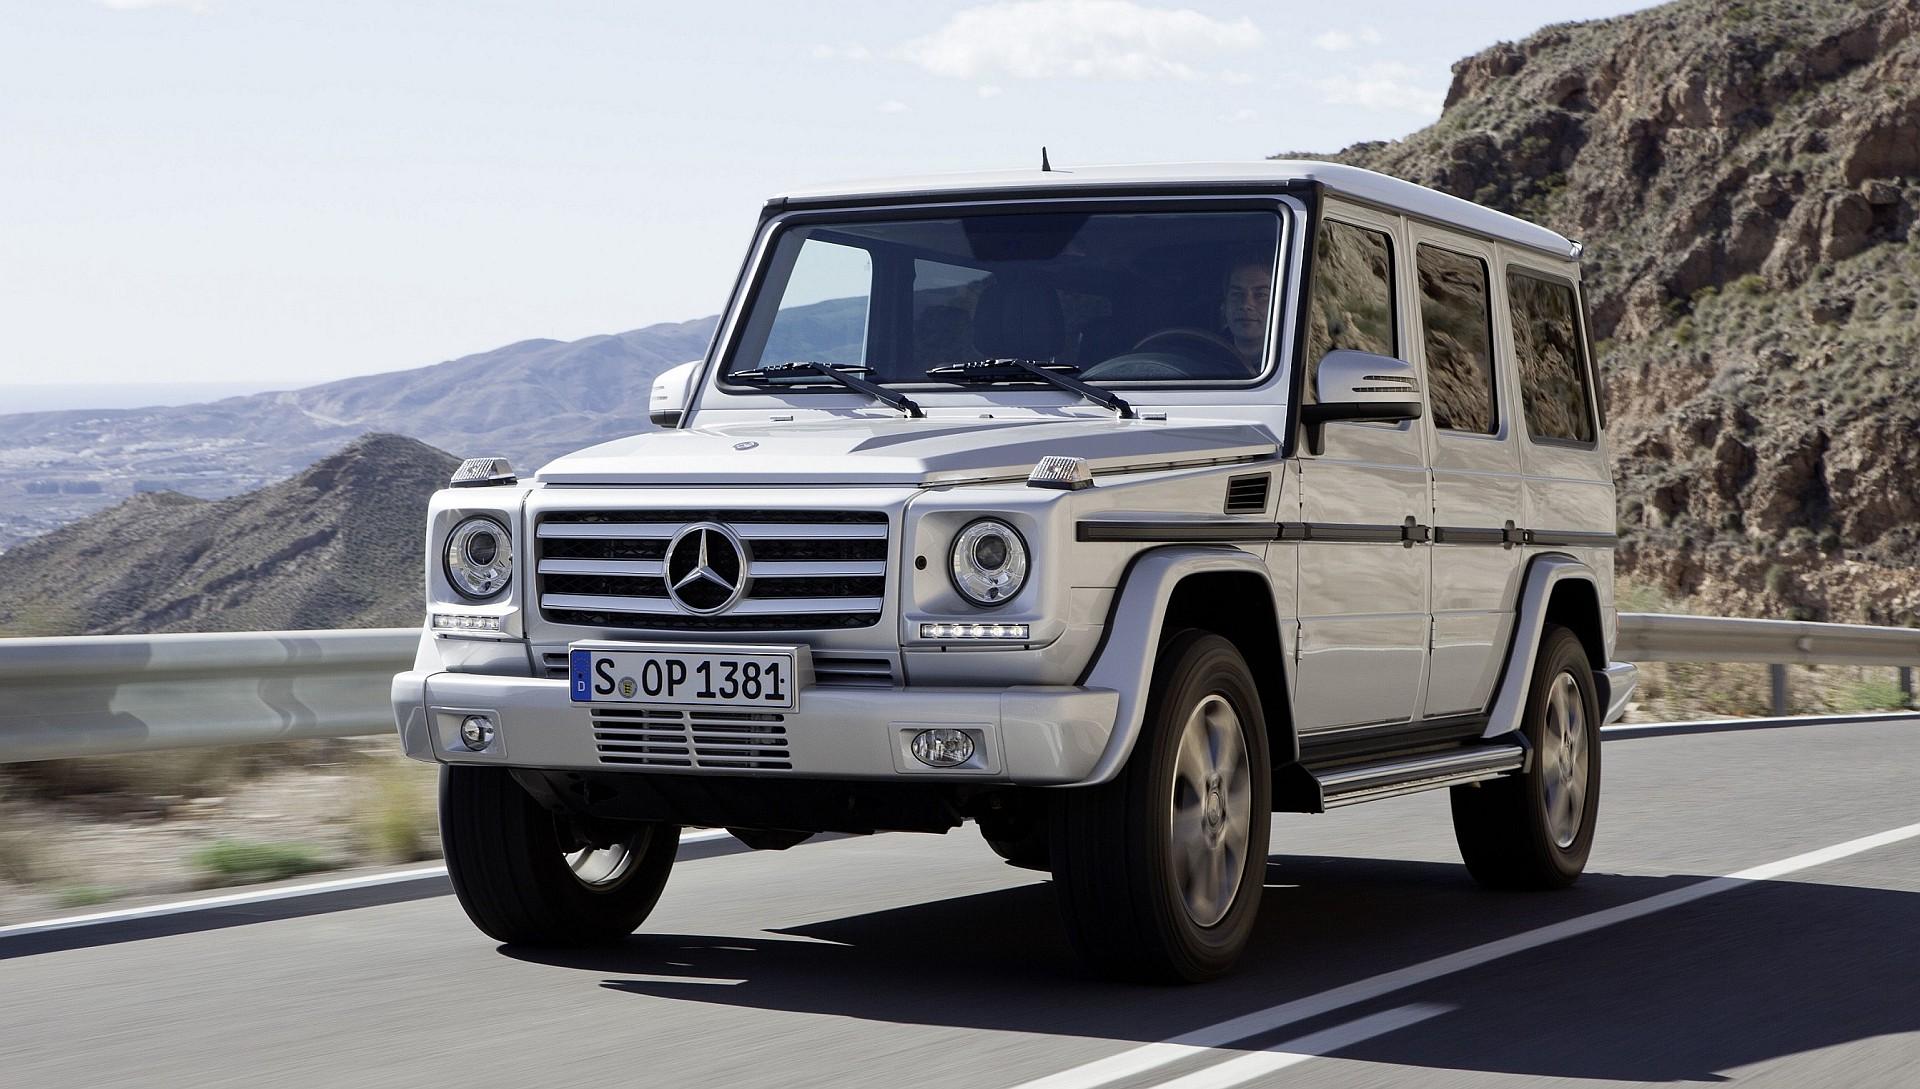 Mercedes-Benz G-Class傳奇延續 品味不容質疑